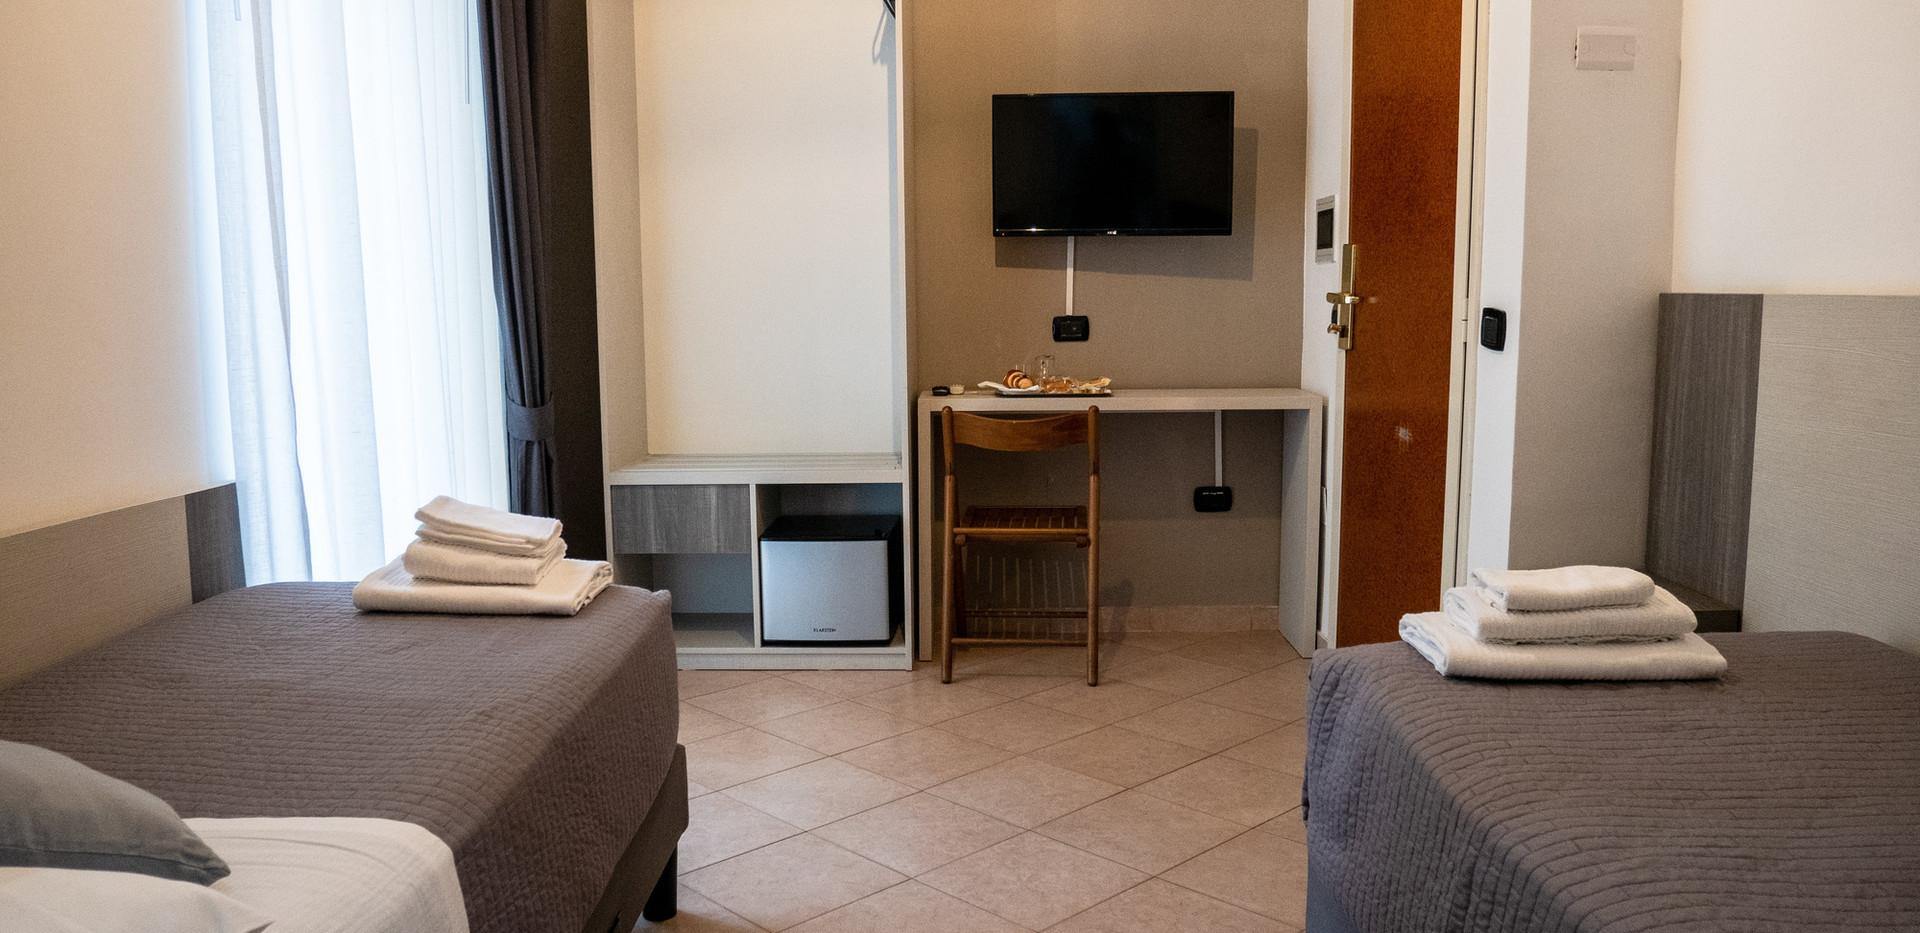 Hotel San Marco - Twin Room -  3.jpg